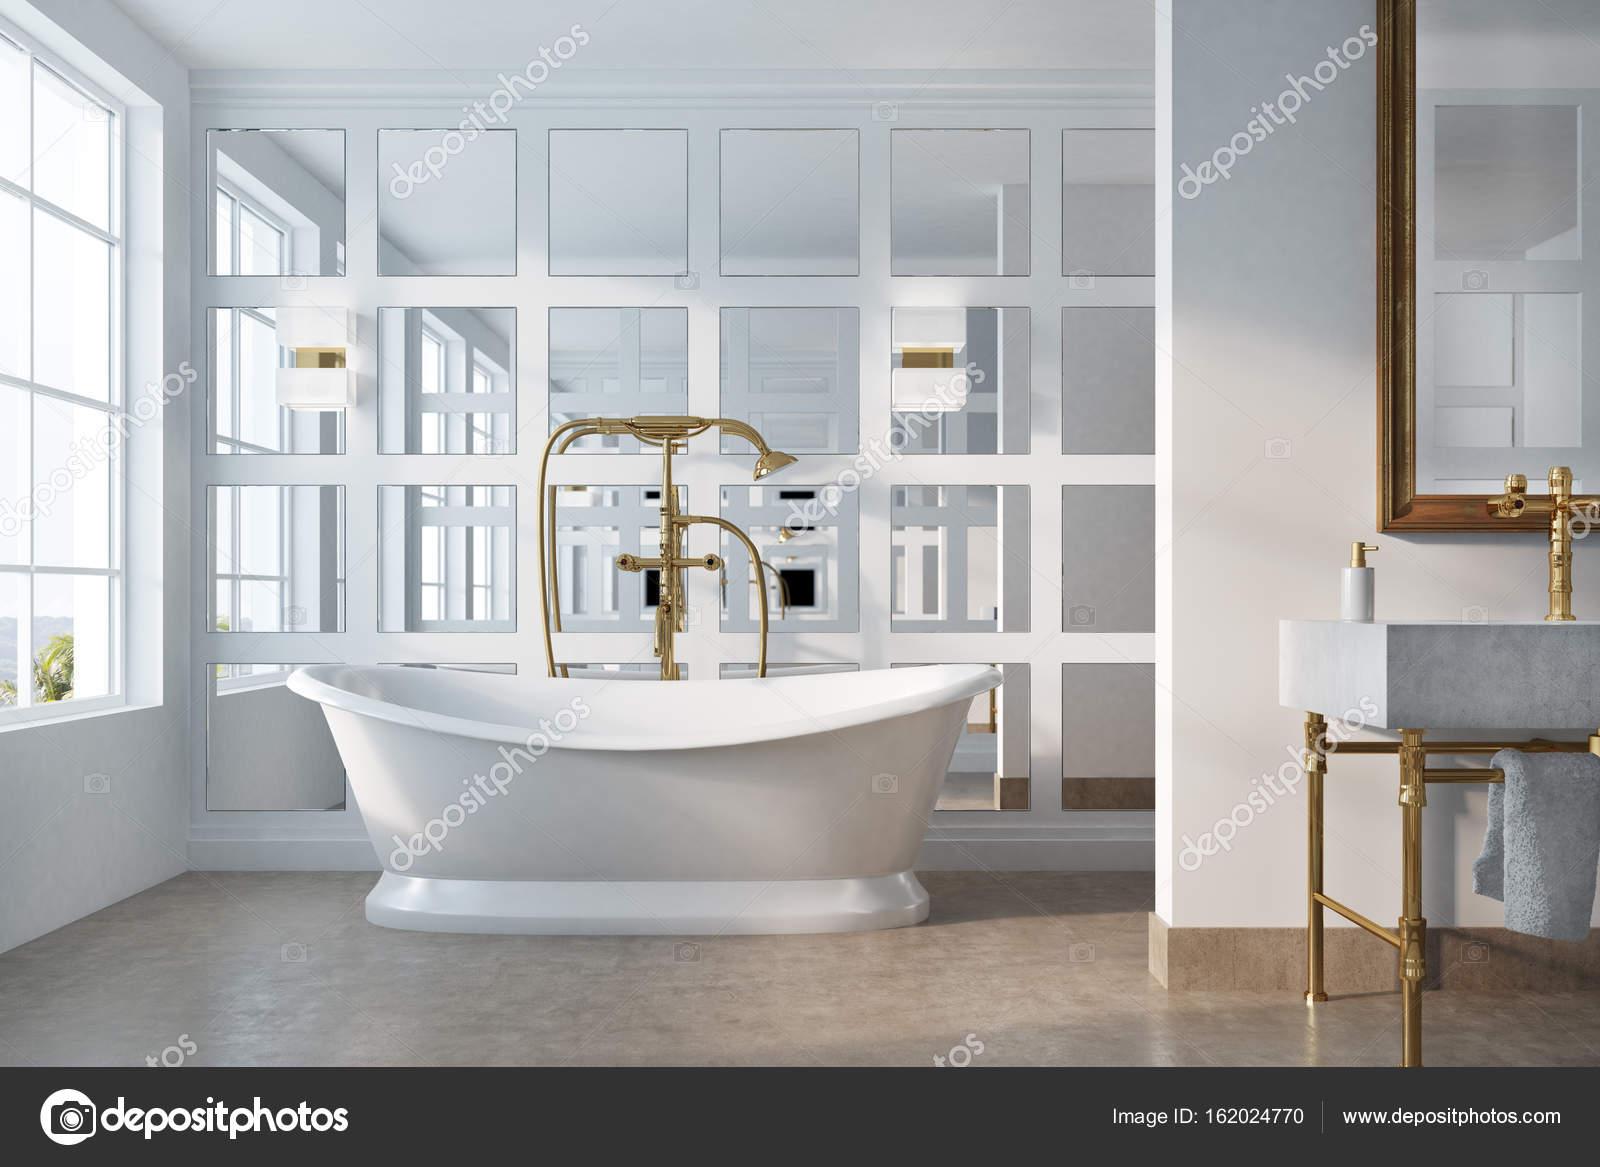 Vintage Badkamer Spiegel : Vintage badkamer witte tub spiegel u2014 stockfoto © denisismagilov